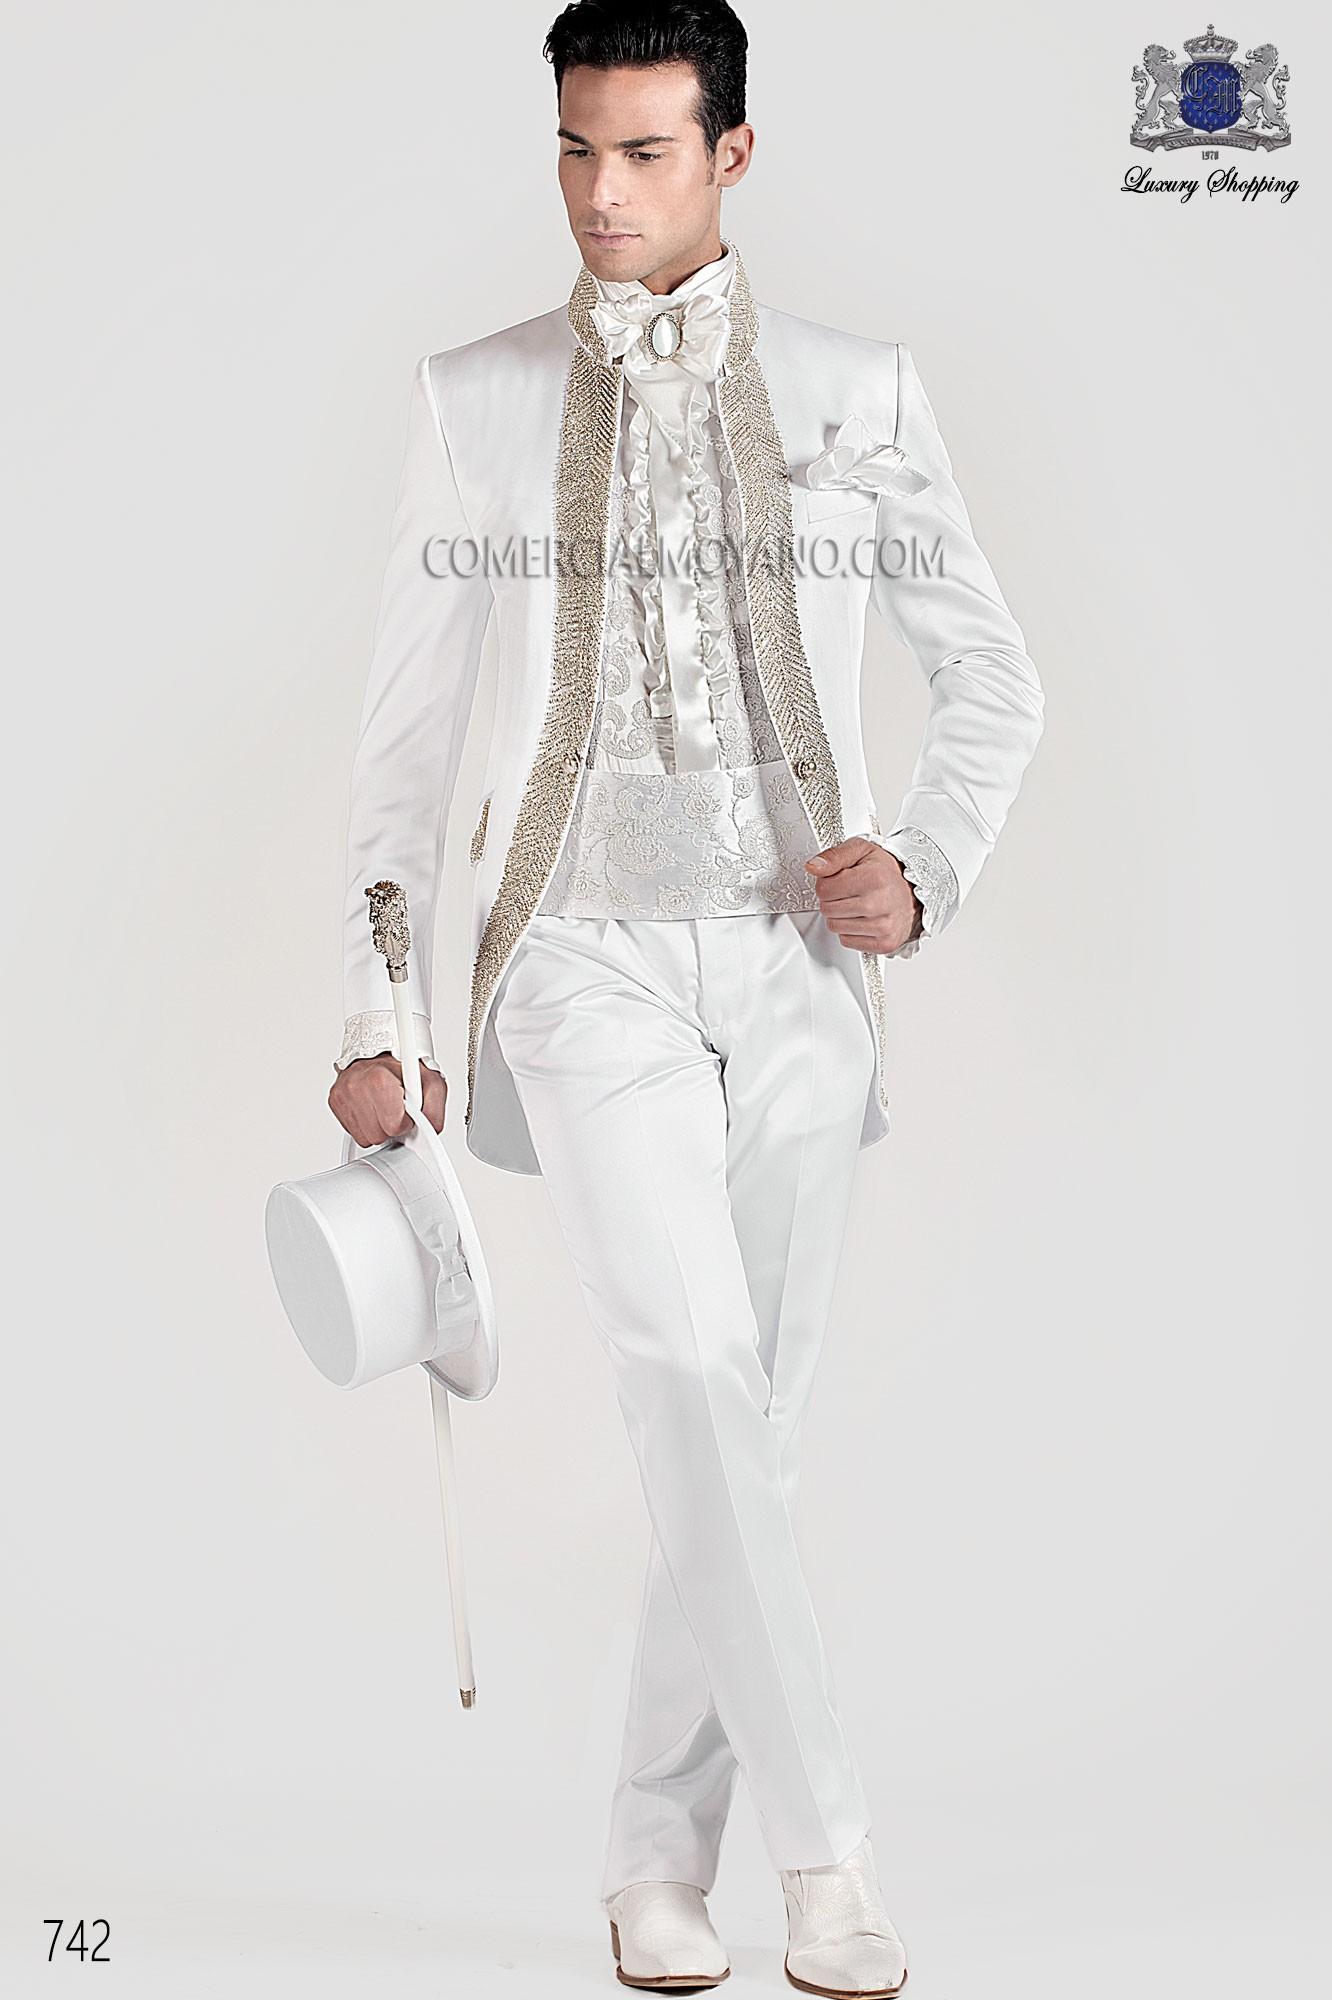 trajes de novio ottavio nuccio gala madrid